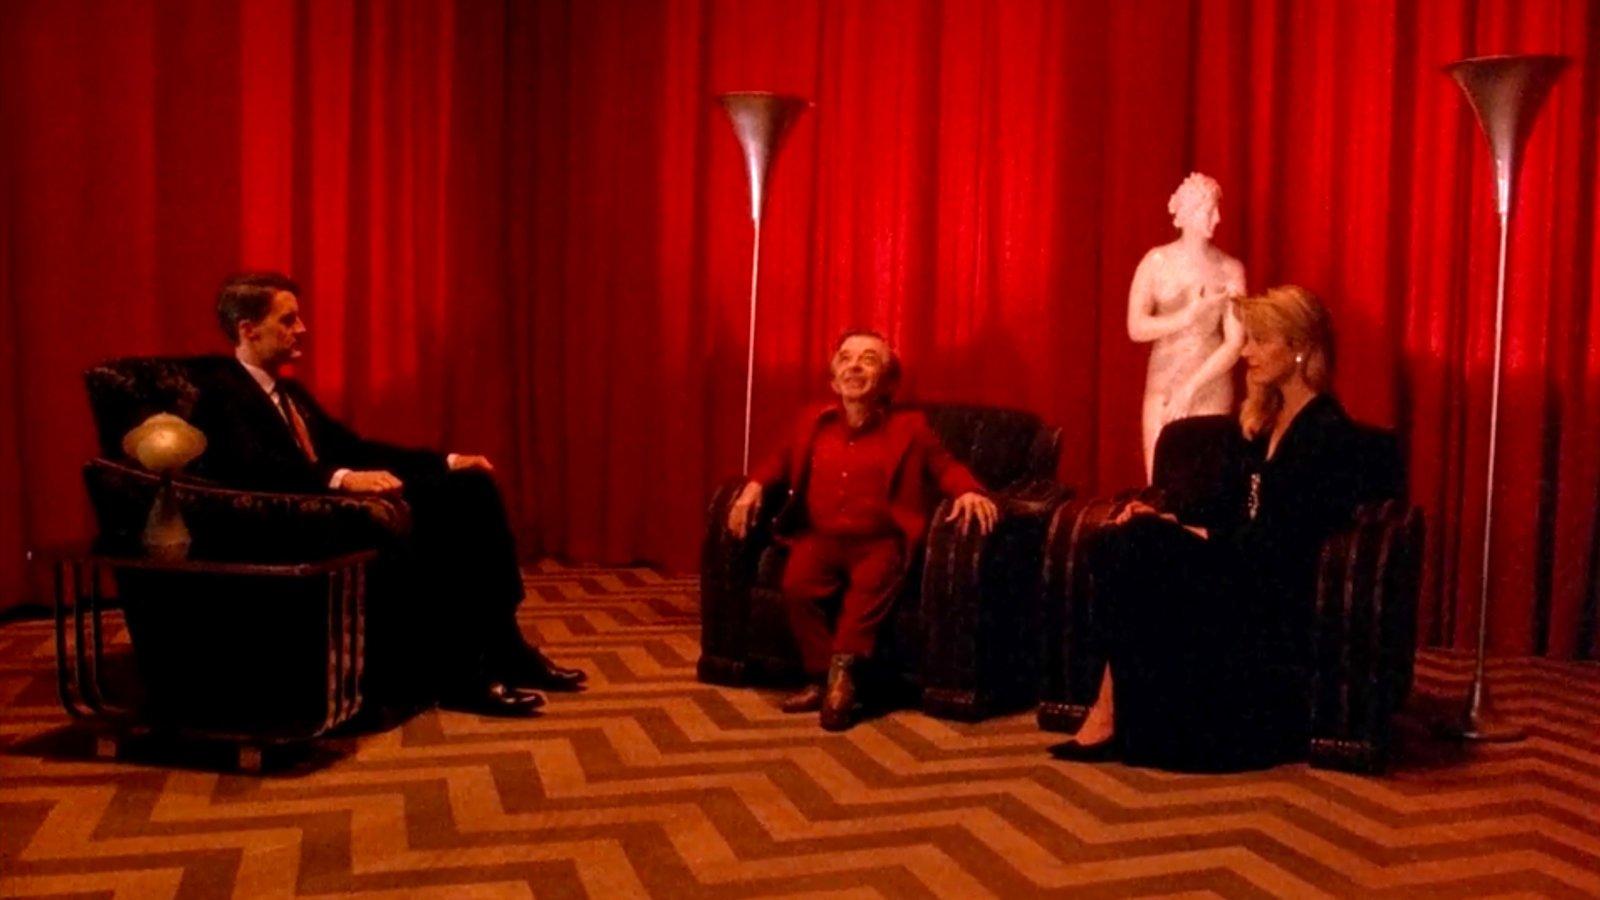 TWIN PEAKS SAISON 1 de David Lynch et Mark Frost (1990)